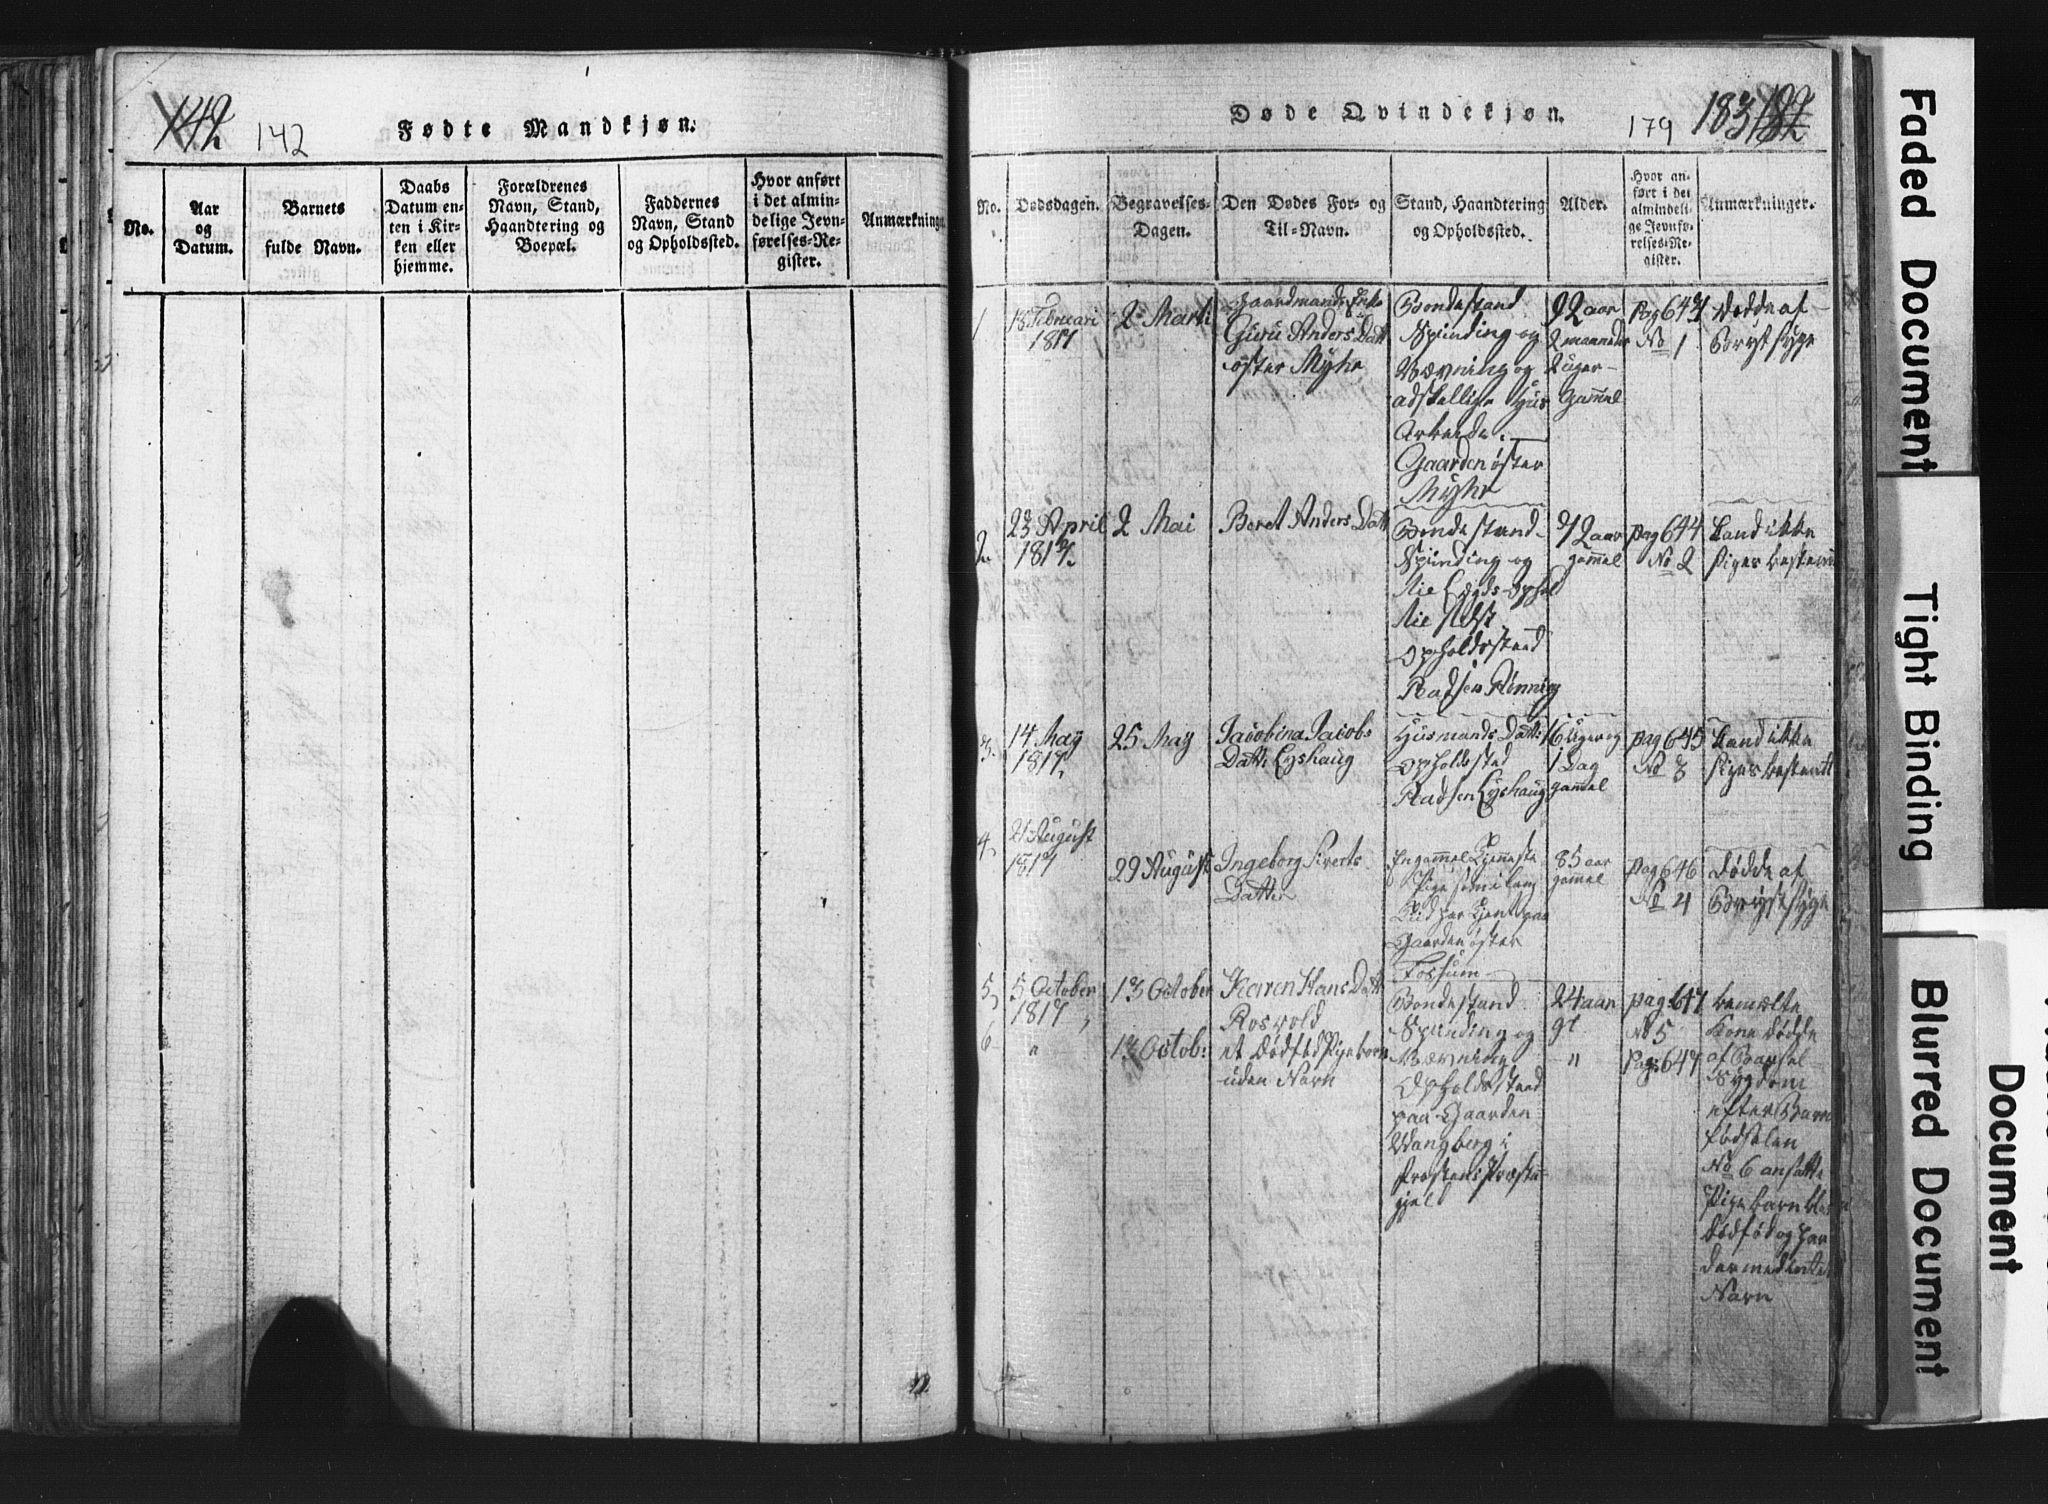 SAT, Ministerialprotokoller, klokkerbøker og fødselsregistre - Nord-Trøndelag, 701/L0017: Parish register (copy) no. 701C01, 1817-1825, p. 178-179